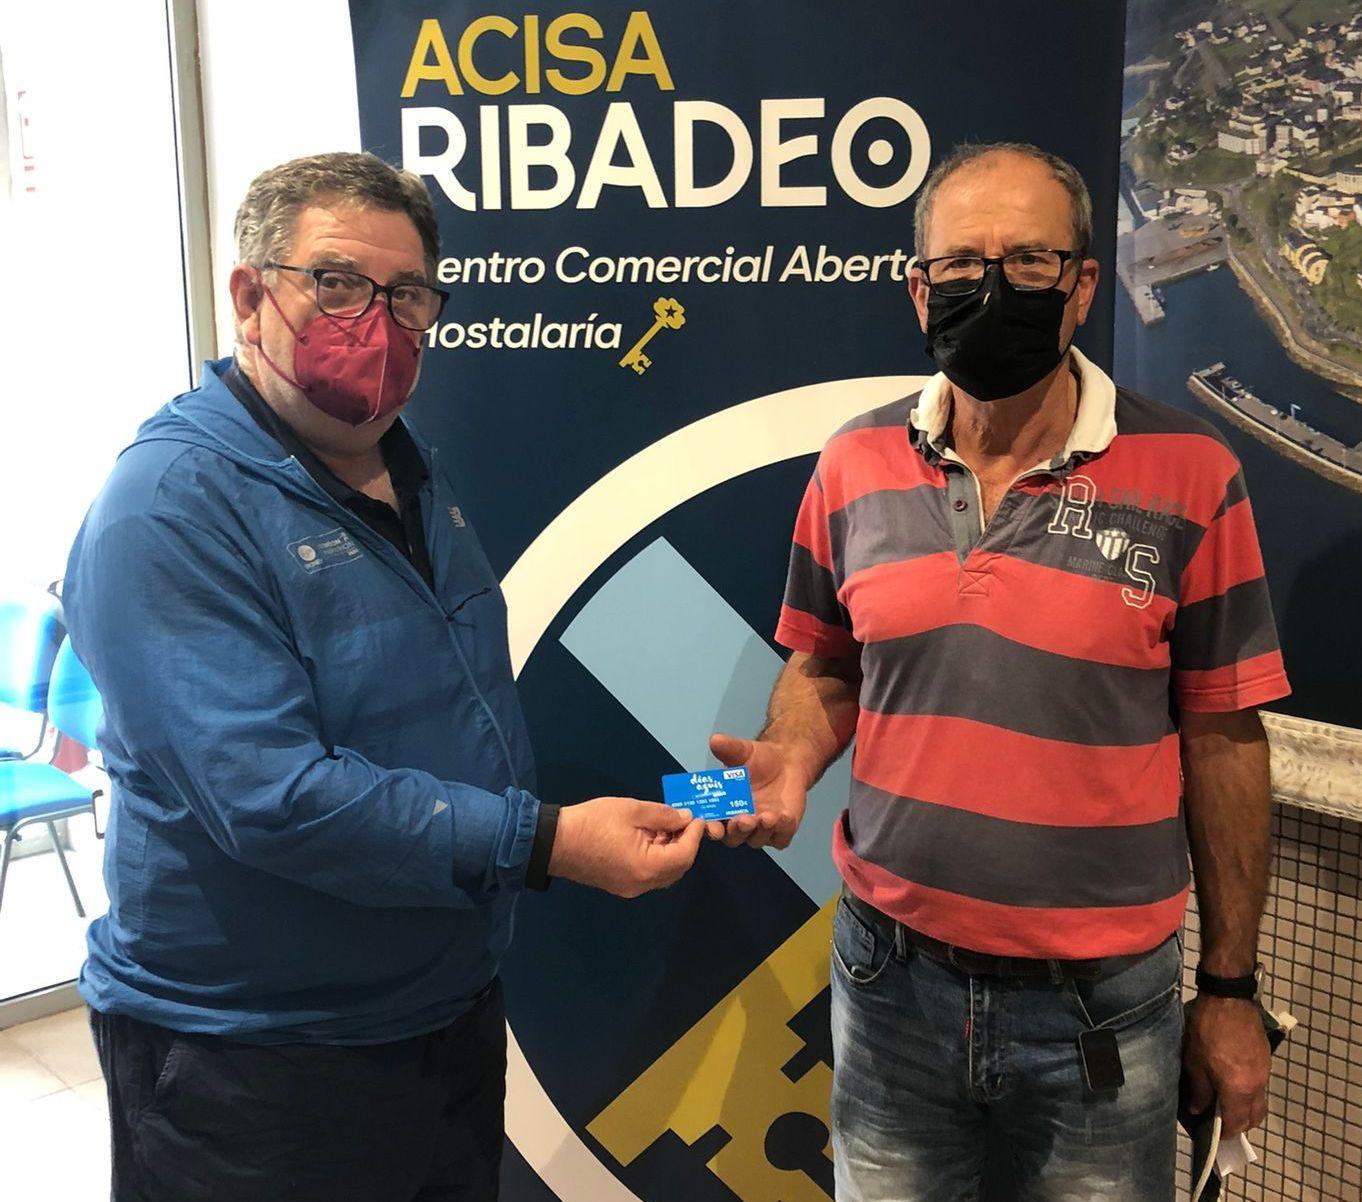 Juan Ignacio Vijande recibiu da man do presidente de Acisa Ribadeo unha tarxeta por valor de 150 euros como gañador dun dos premios dos dias azuis do comercio galego